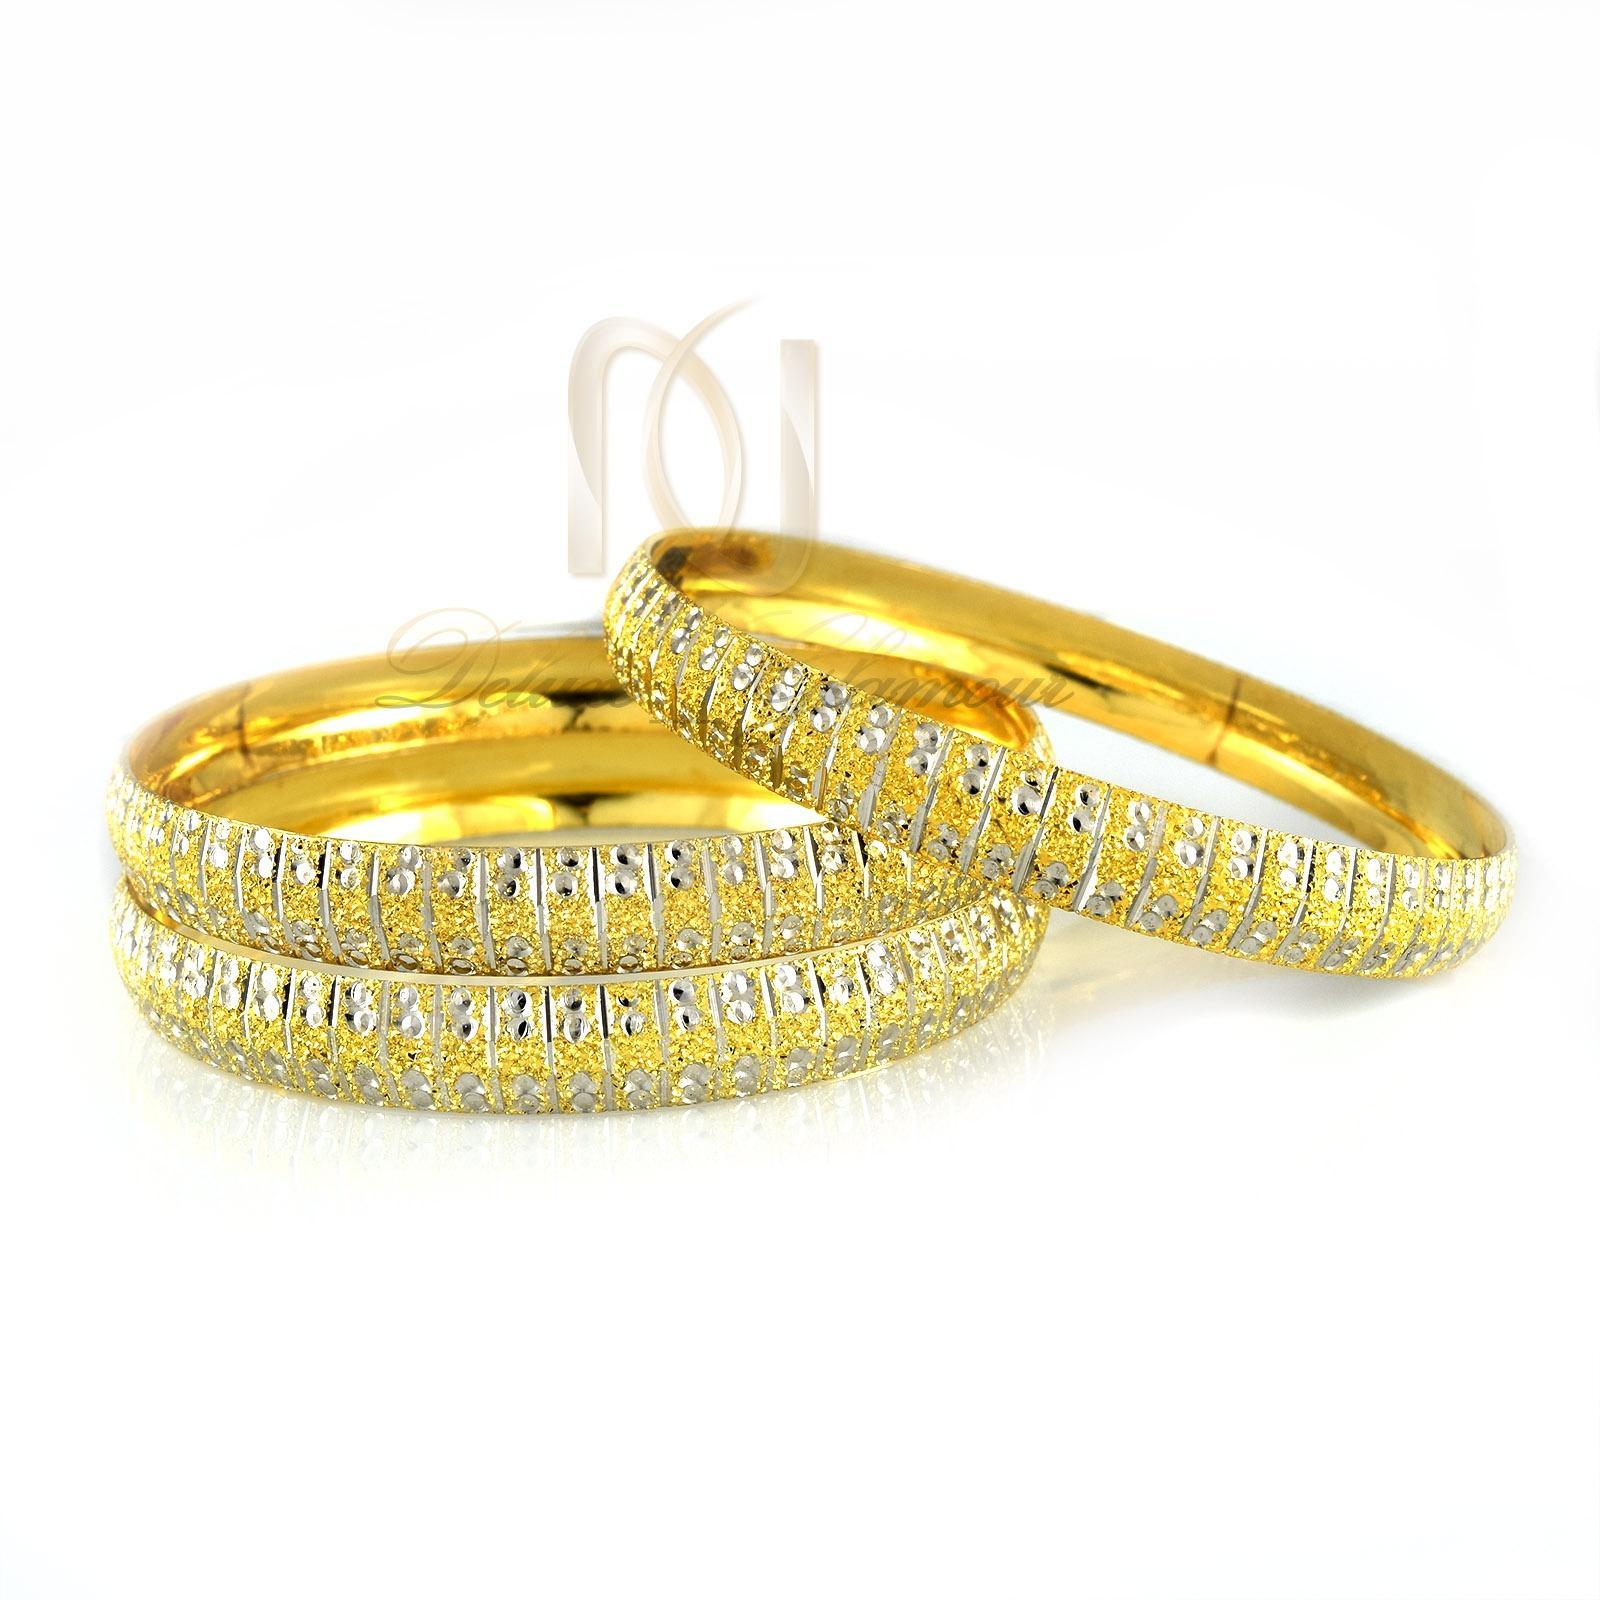 النگو نقره زنانه طرح طلای دو رنگ al-n108 از نمای سفید